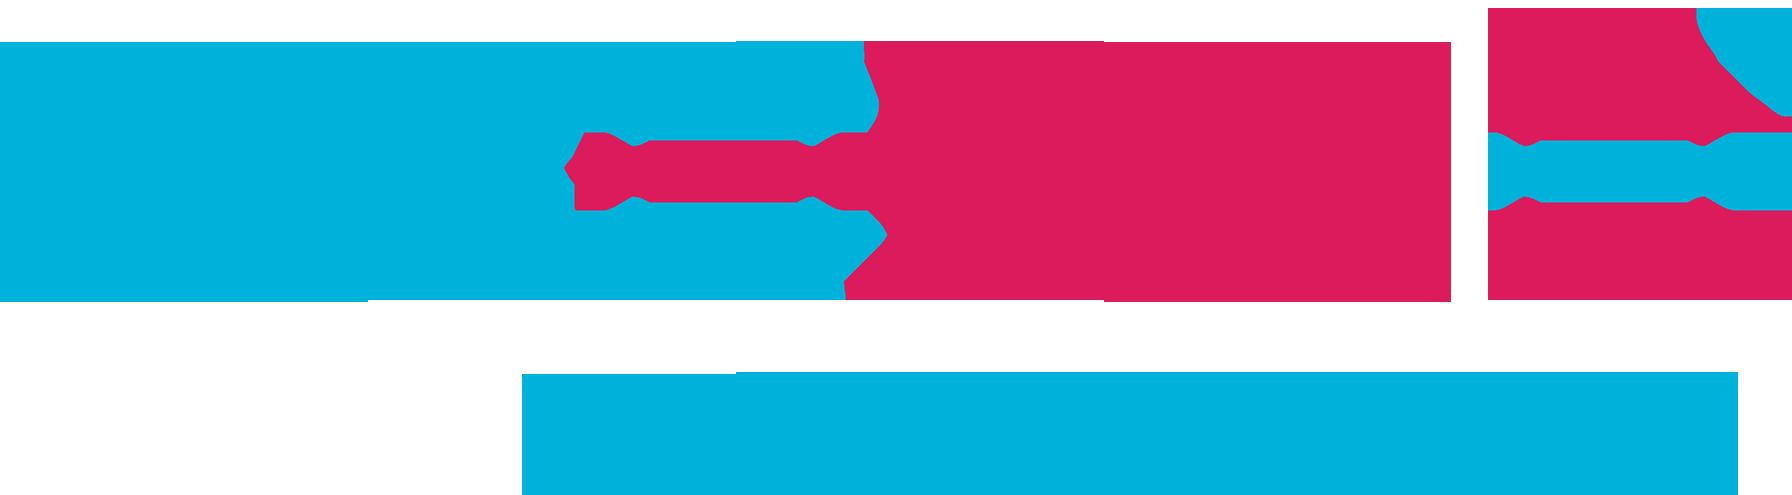 映像生物Logo, 映像生物 – 源于患者 造福患者。